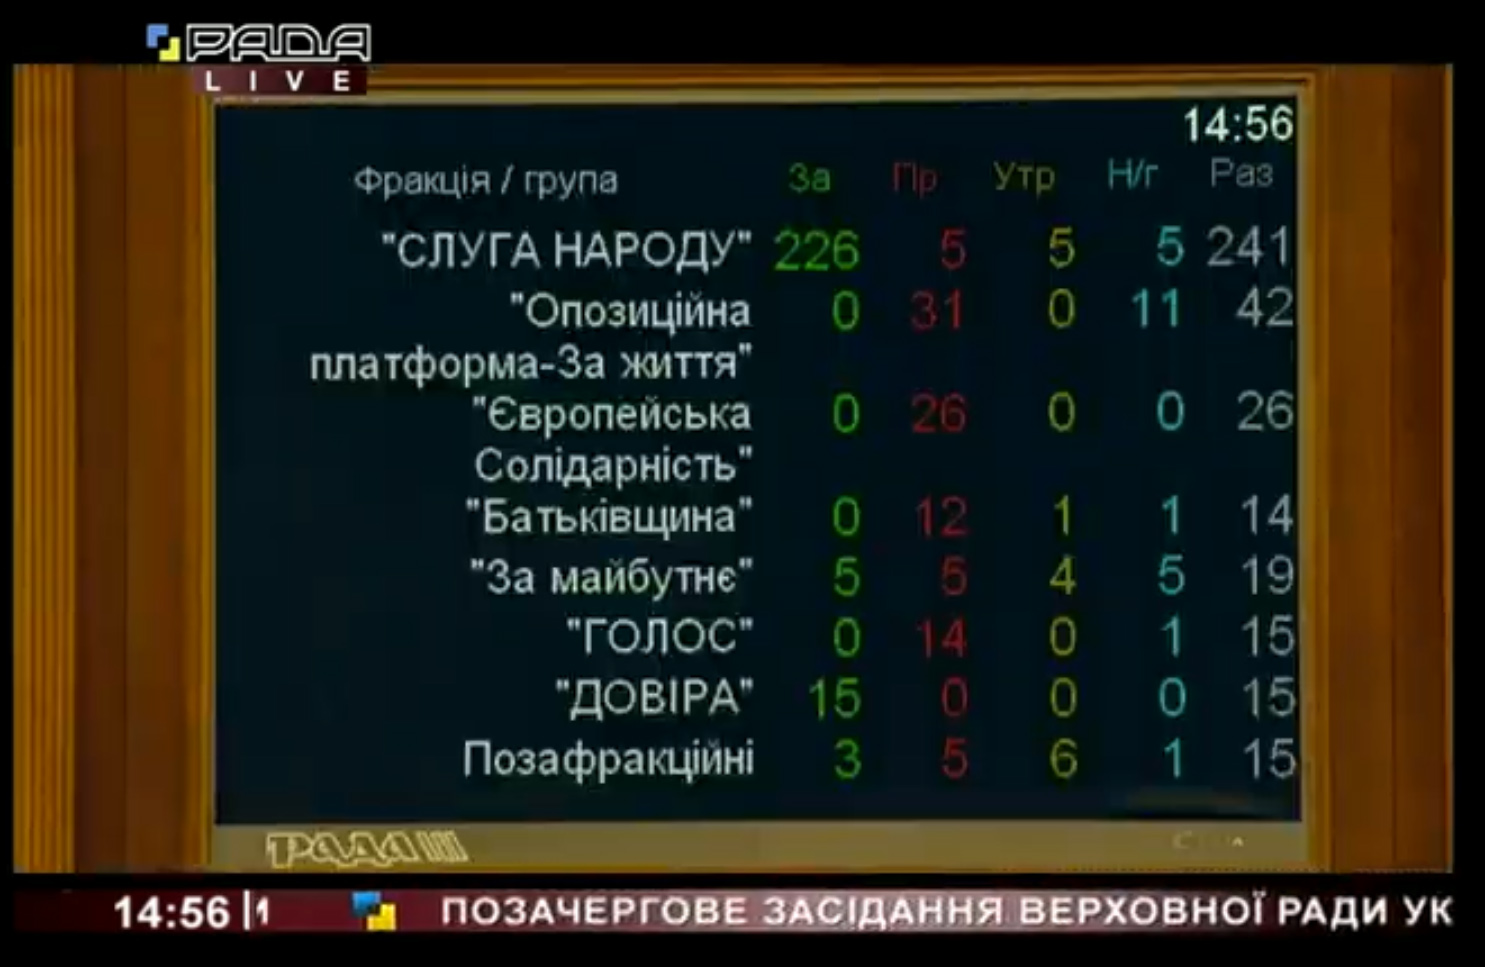 Дефицит бюджета - 298 млрд. Верховная Рада приняла изменения в госбюджет-2020